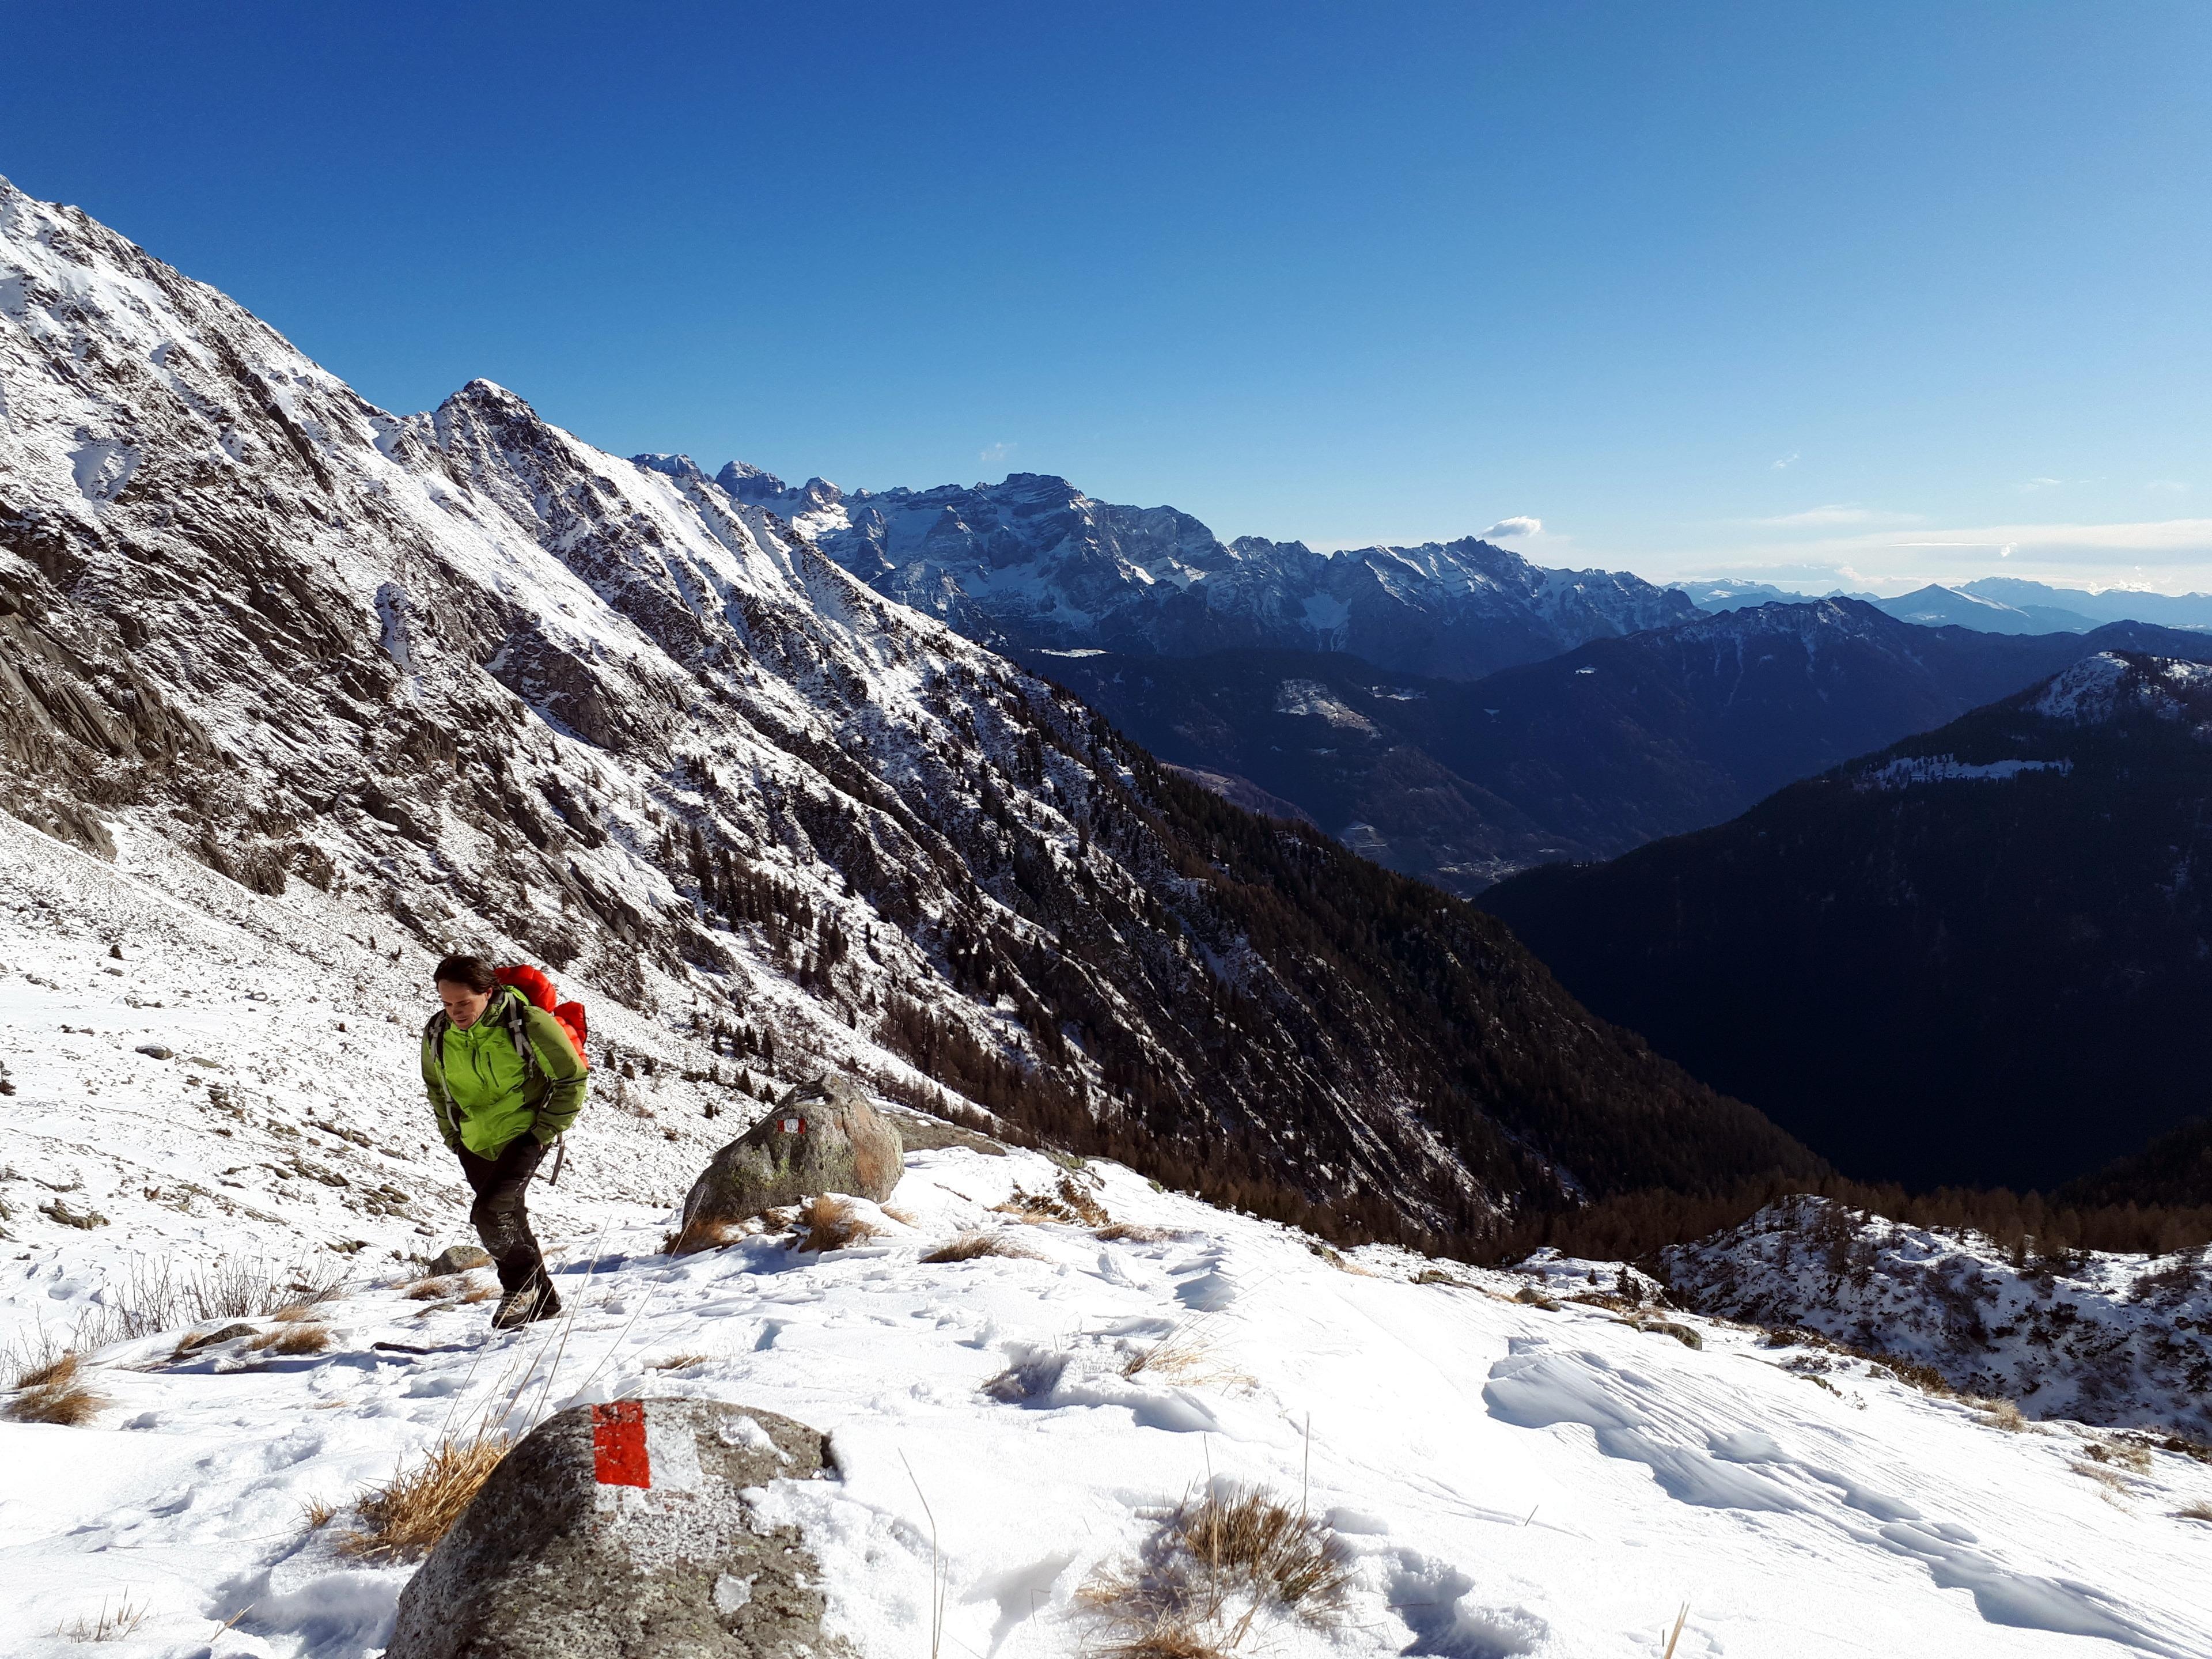 Ultimi metri per guadagnare il bivacco. Dietro di noi la parte più meridionale delle Dolomiti di Brenta